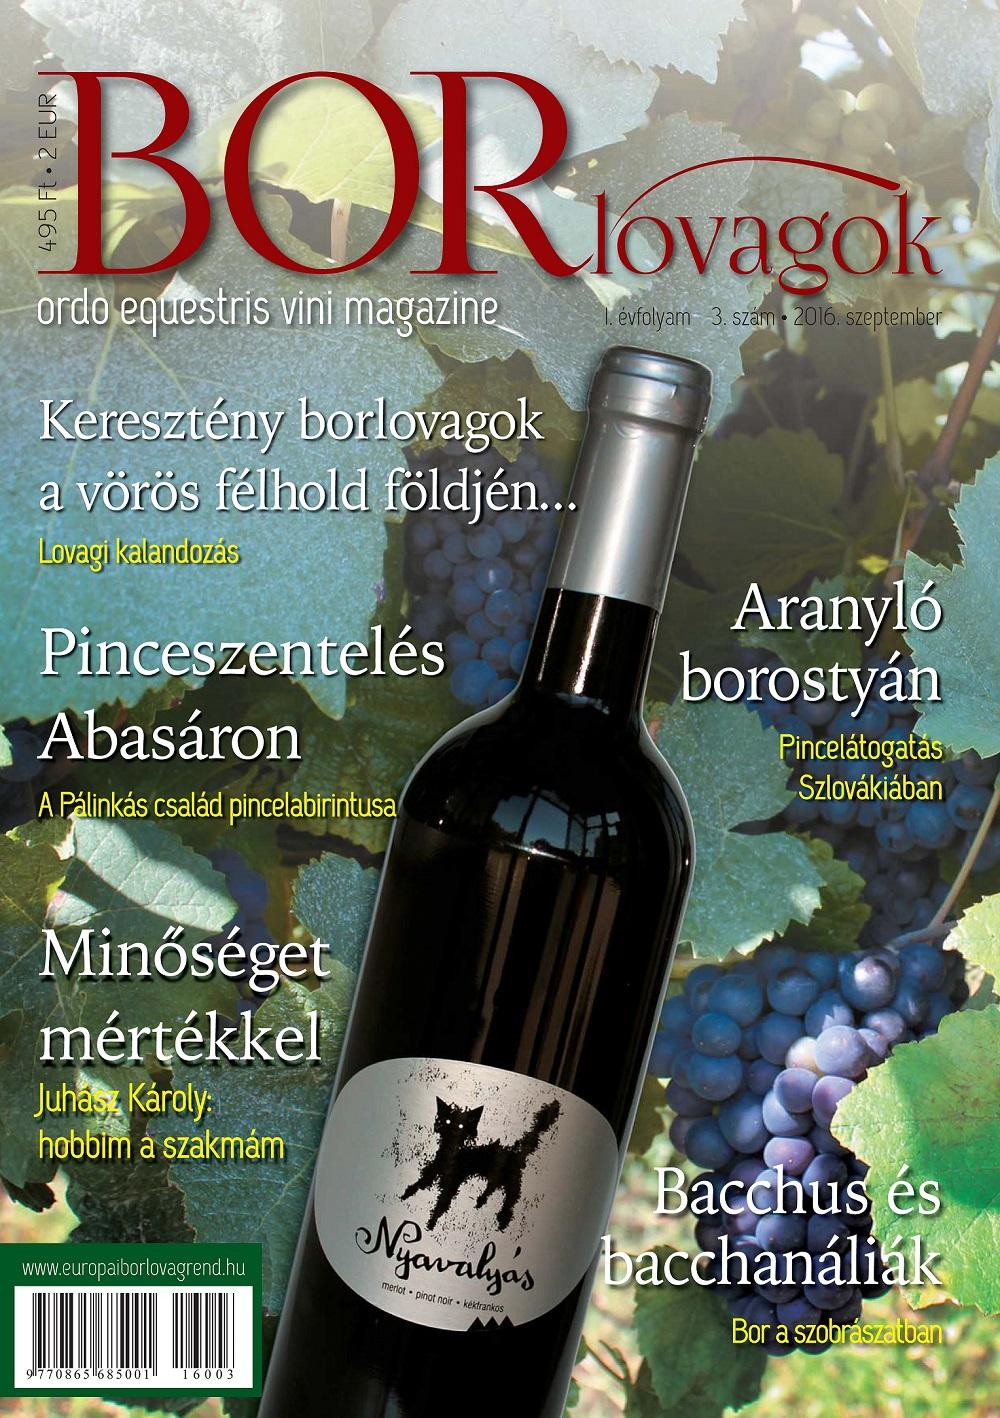 MEGJELENT: BORLOVAGOK Magazin 2016/3